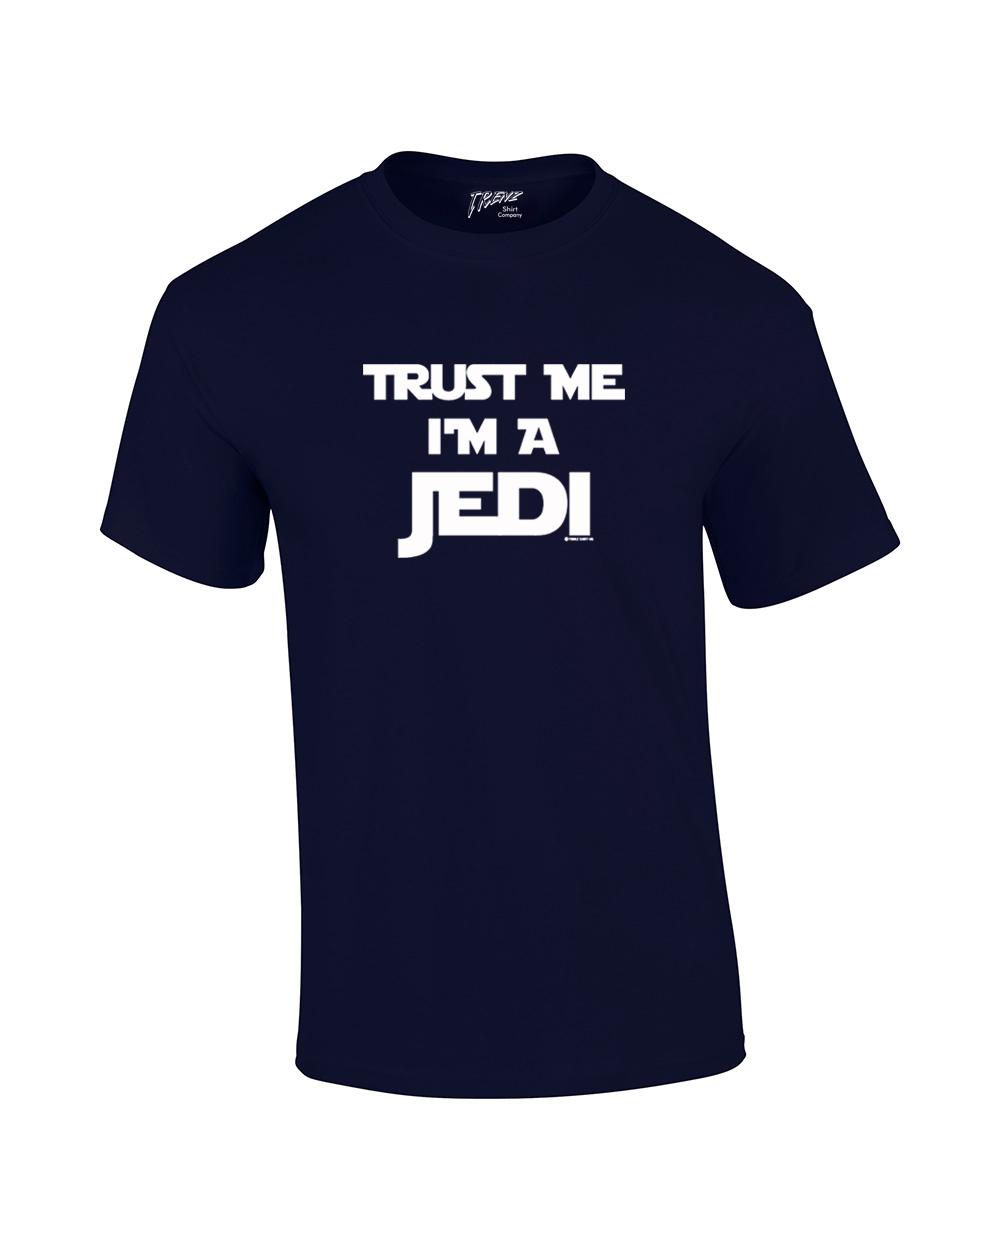 Trust Me I'm A Jedi T-shirt, Funny T-shirts